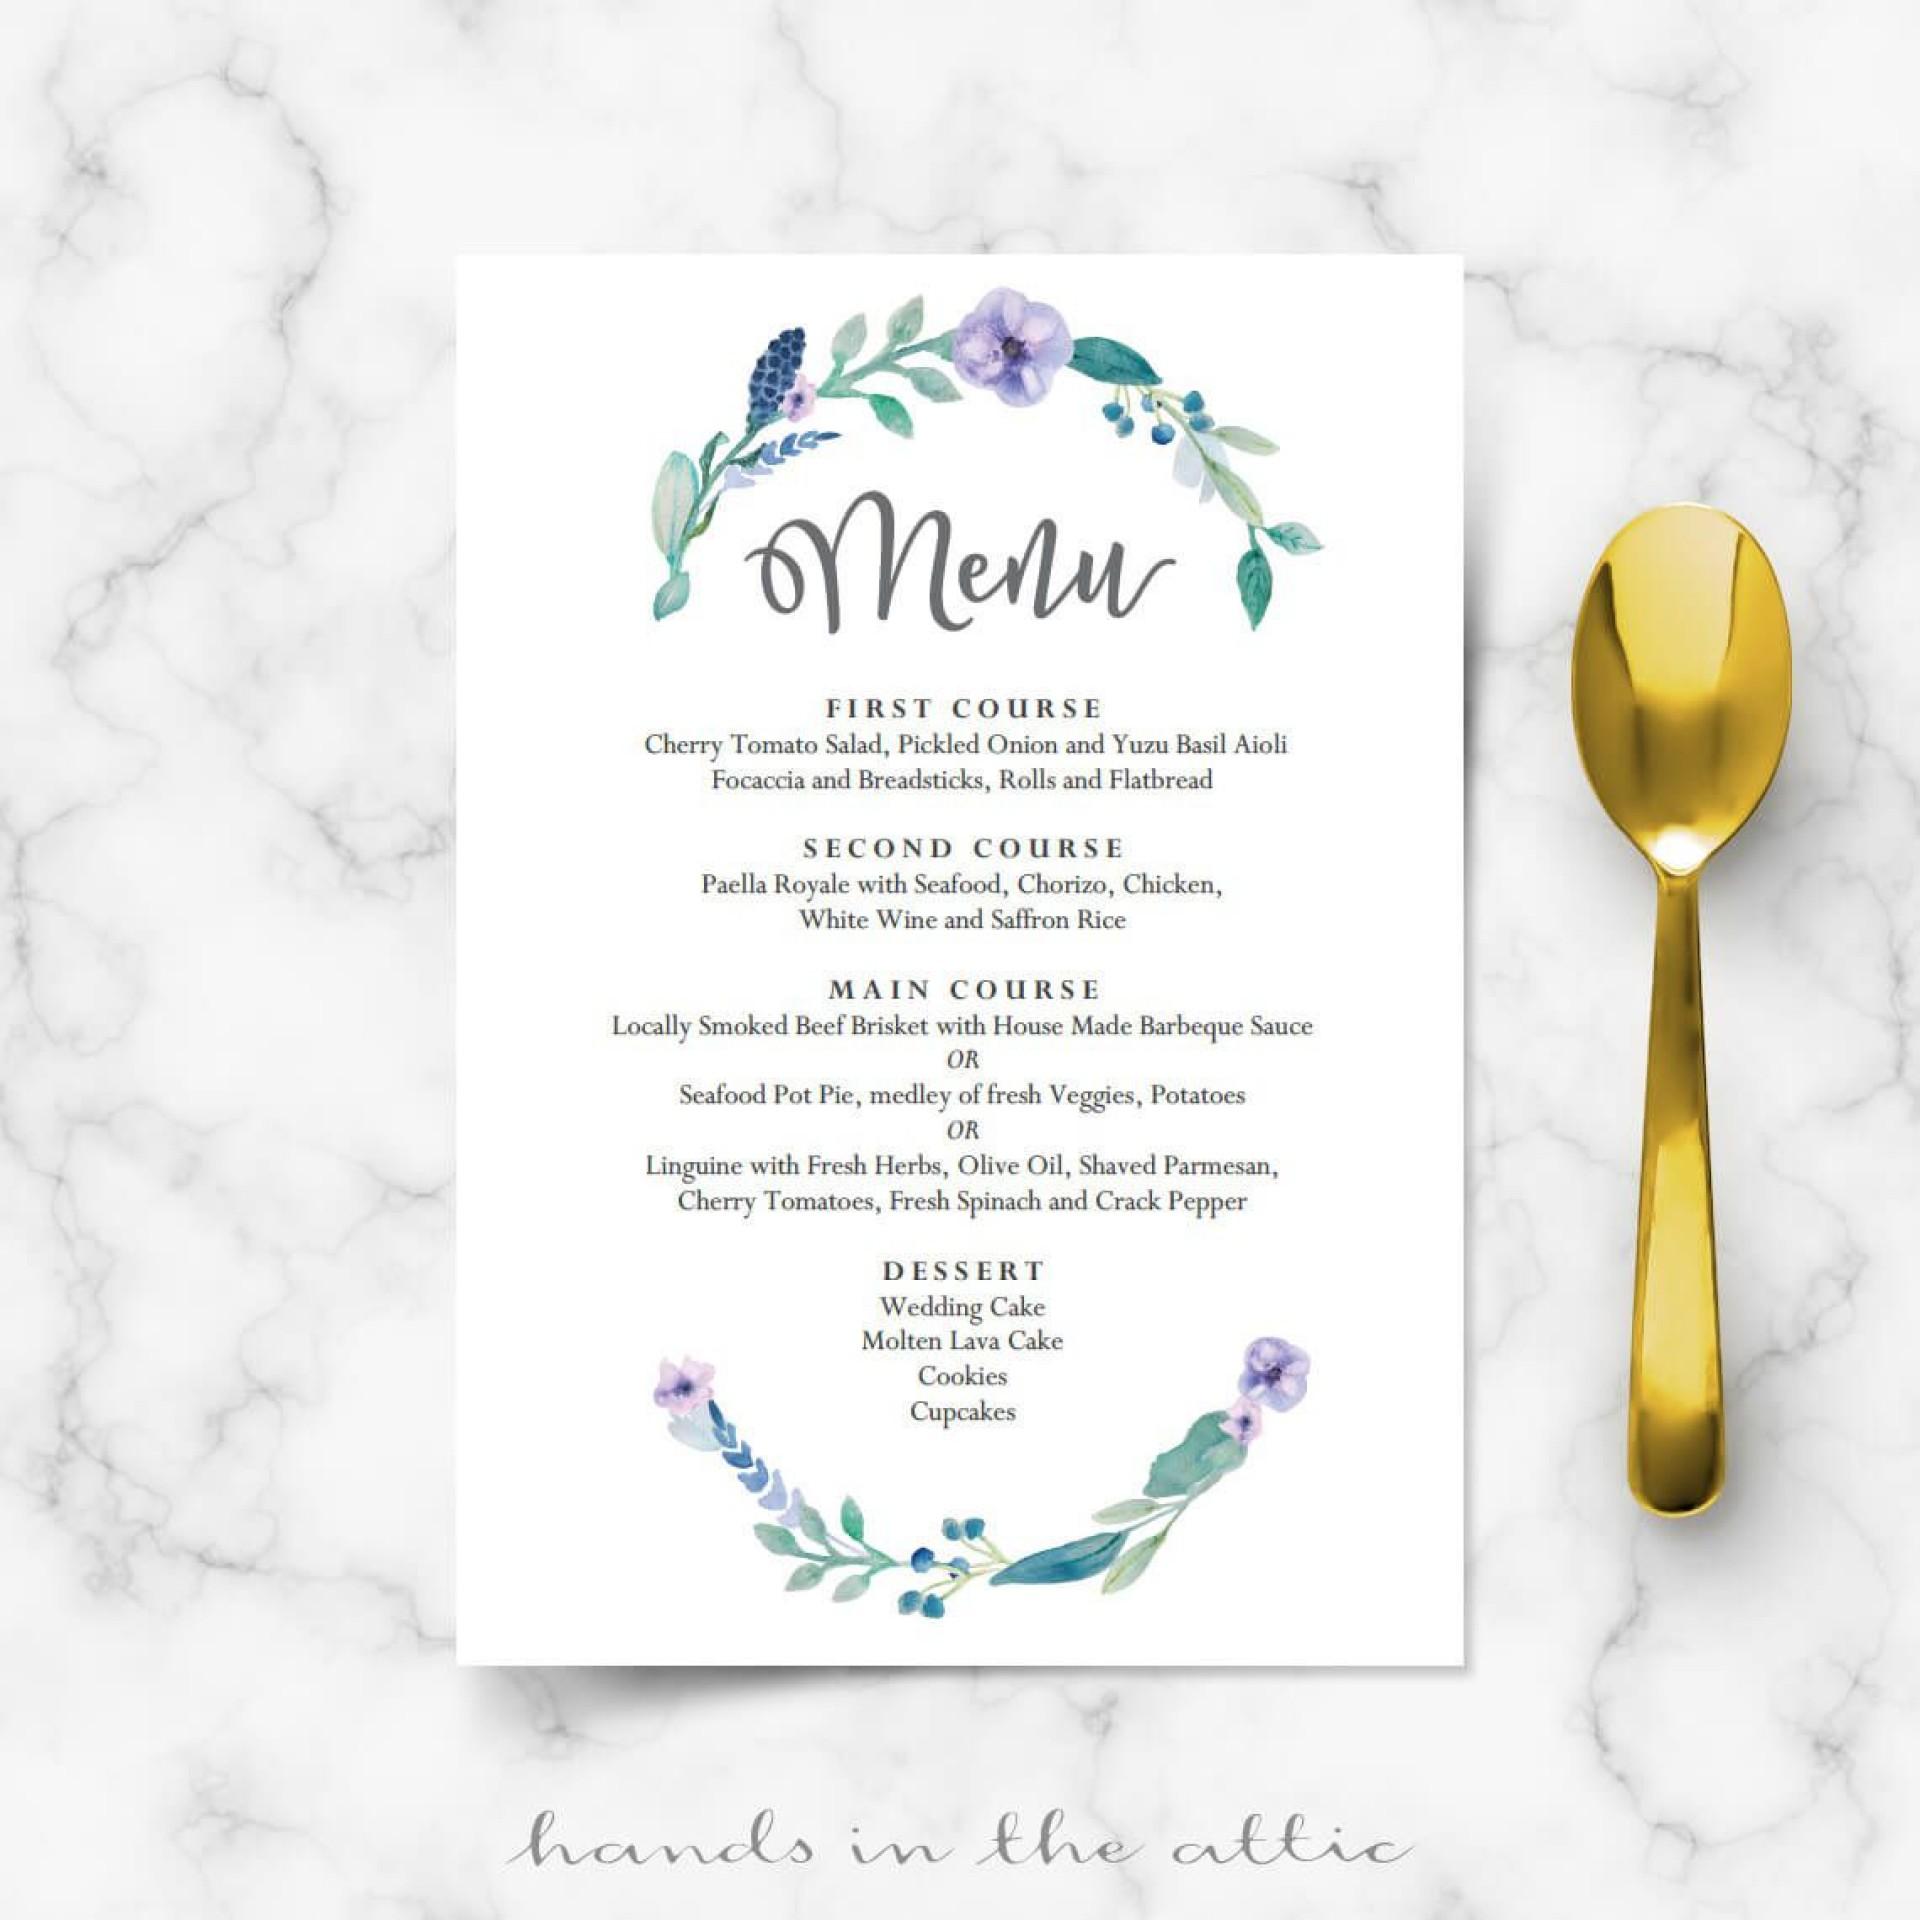 003 Stirring Diy Wedding Menu Template Highest Quality  Free Card1920